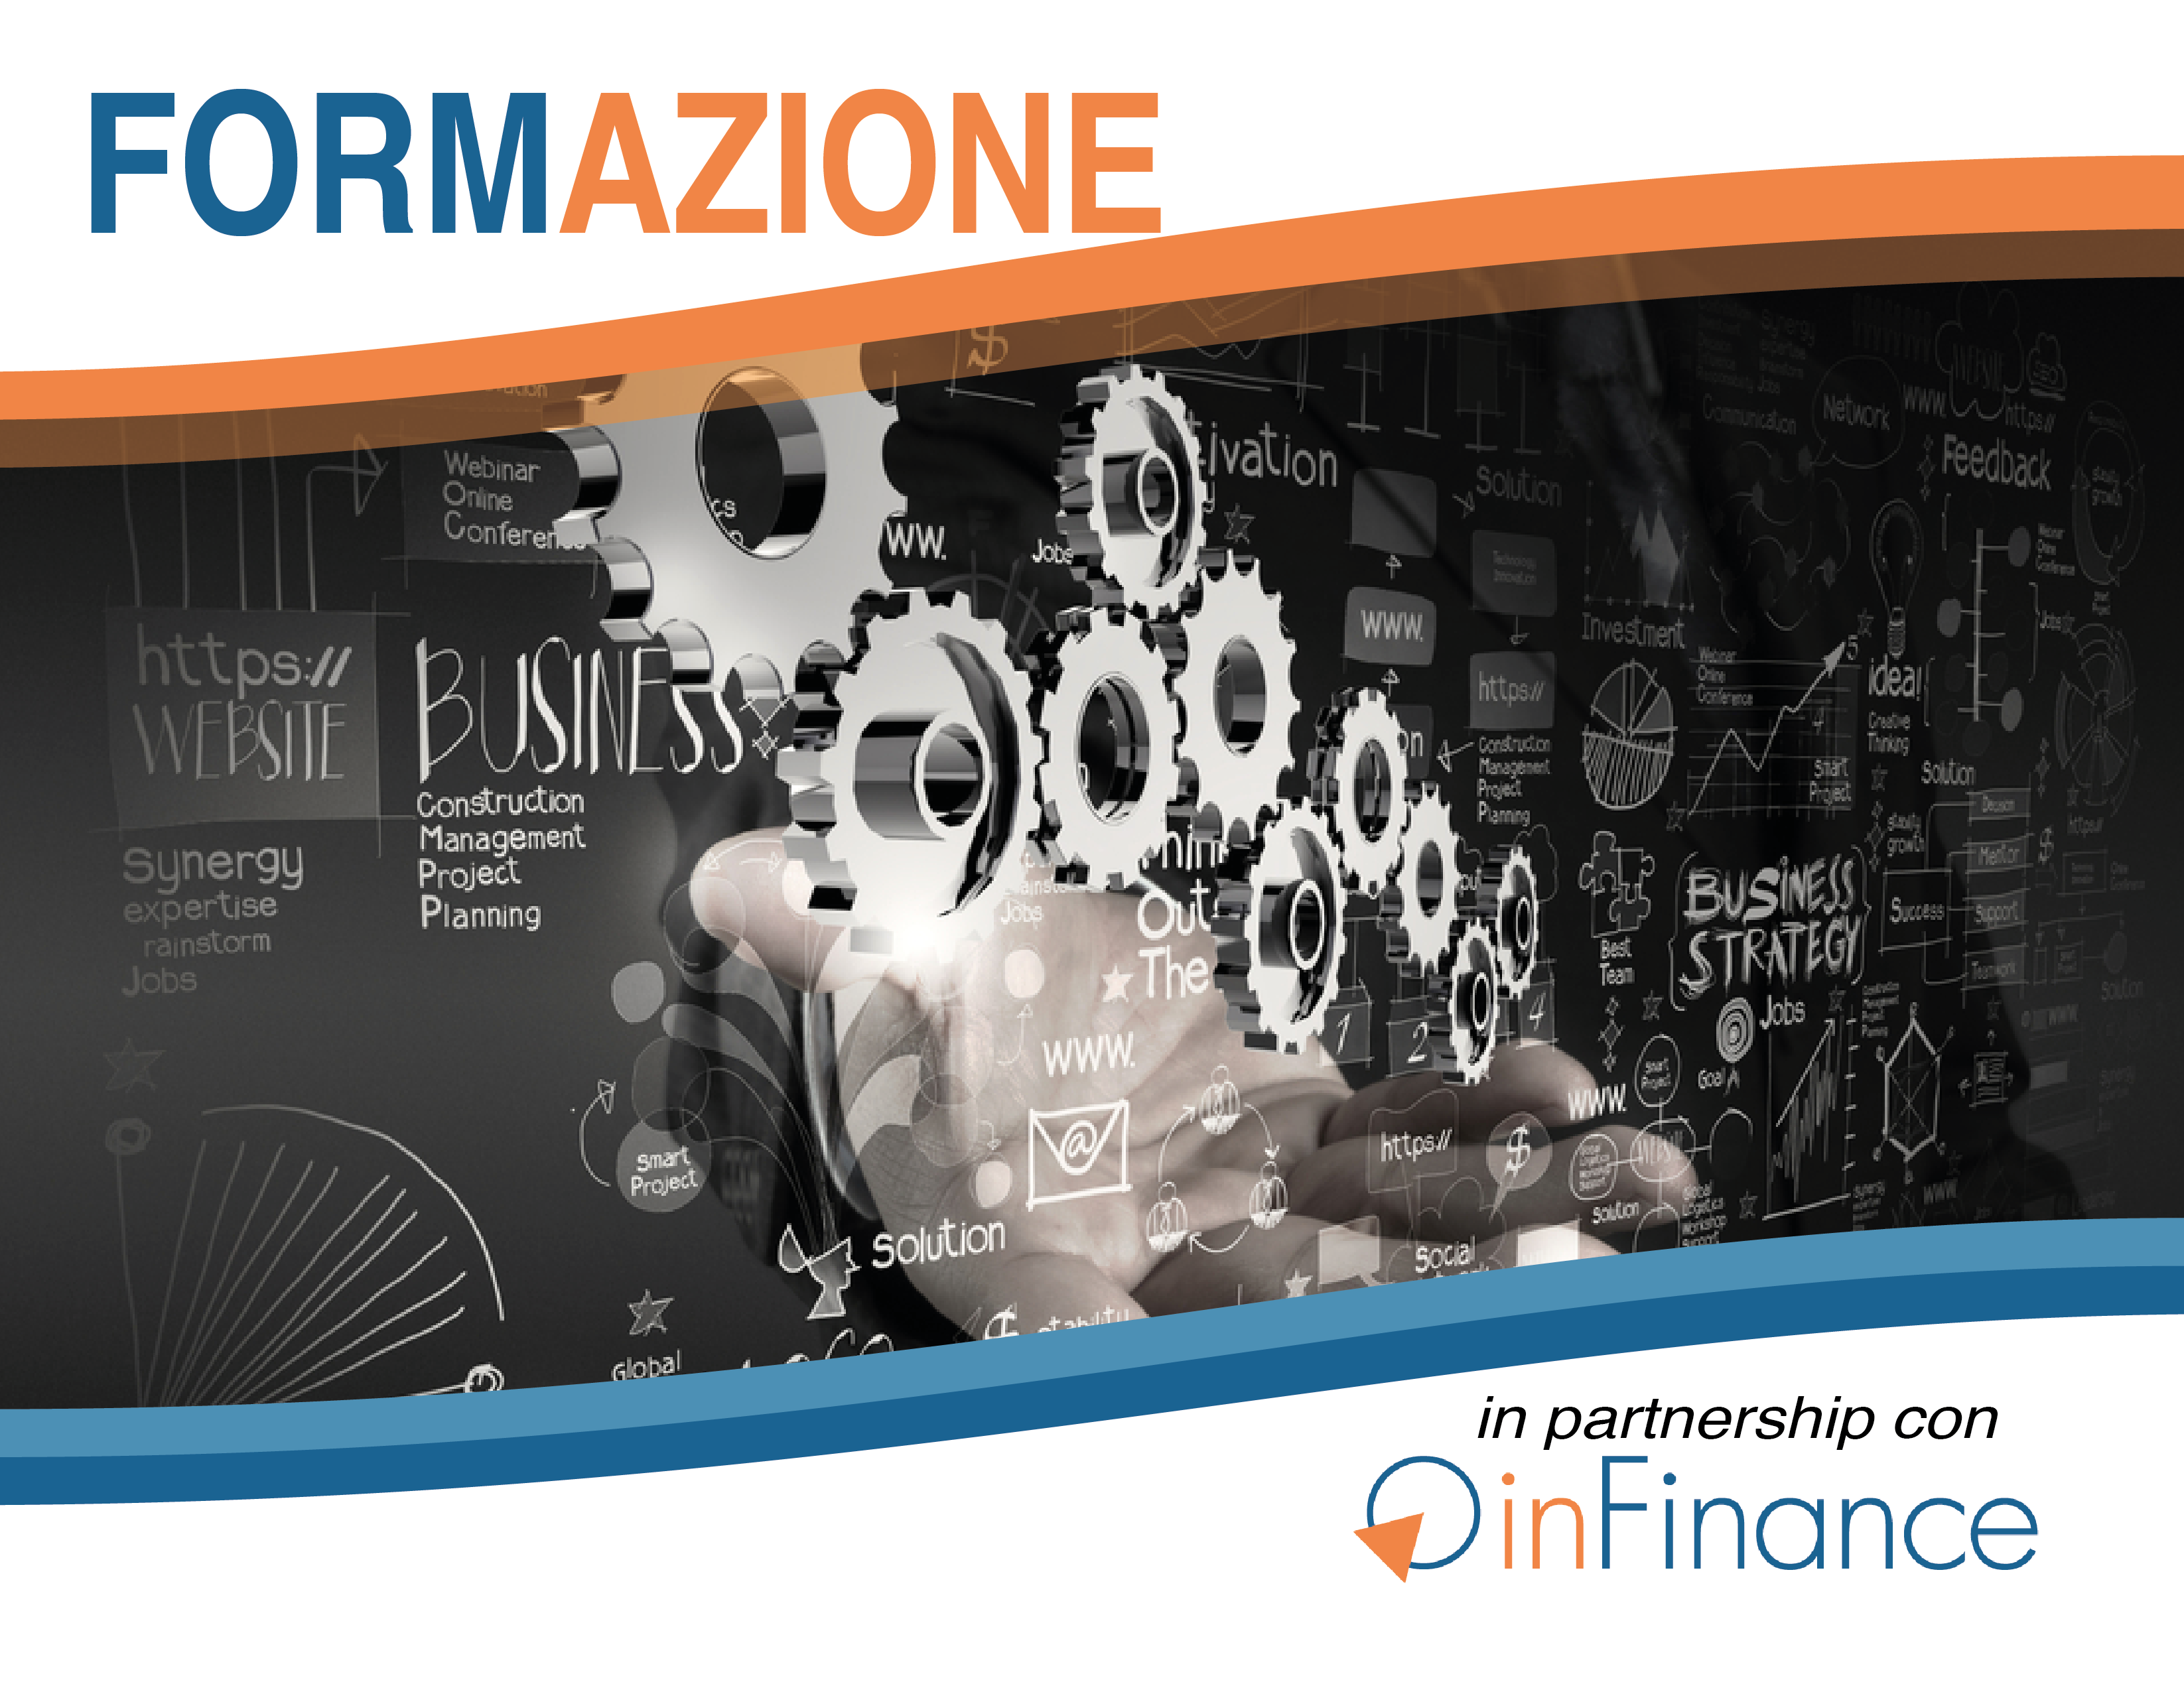 Crash course inFinance: Amministratore di Startup e PMI